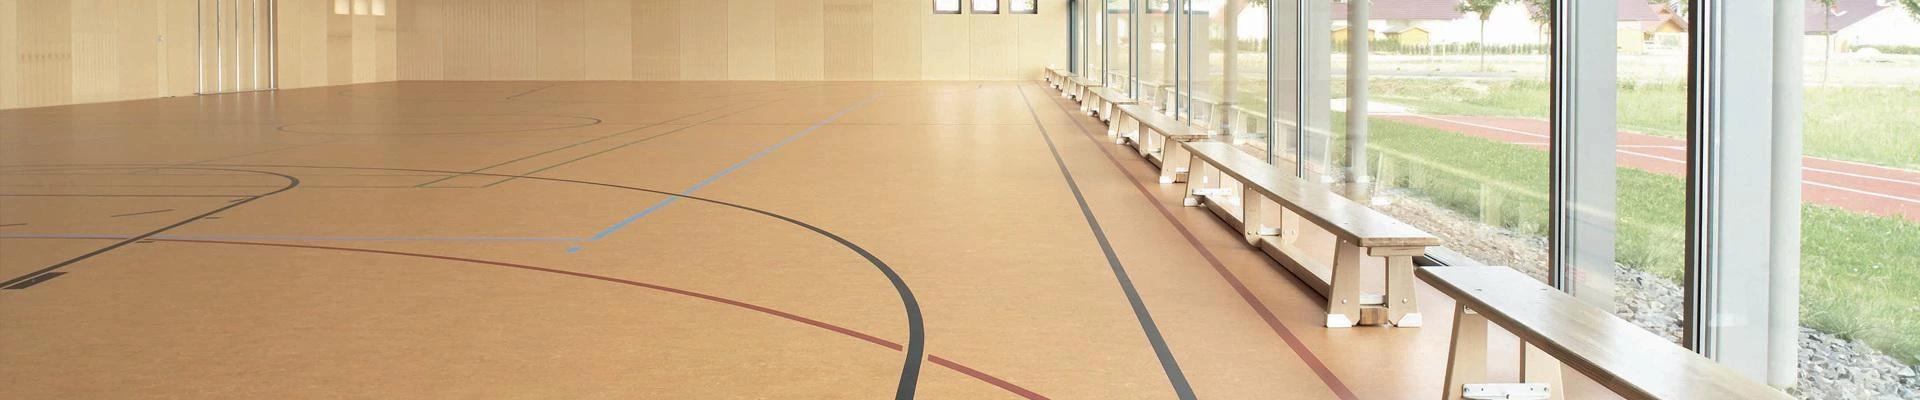 Качественное спортивное покрытие улучшает результат